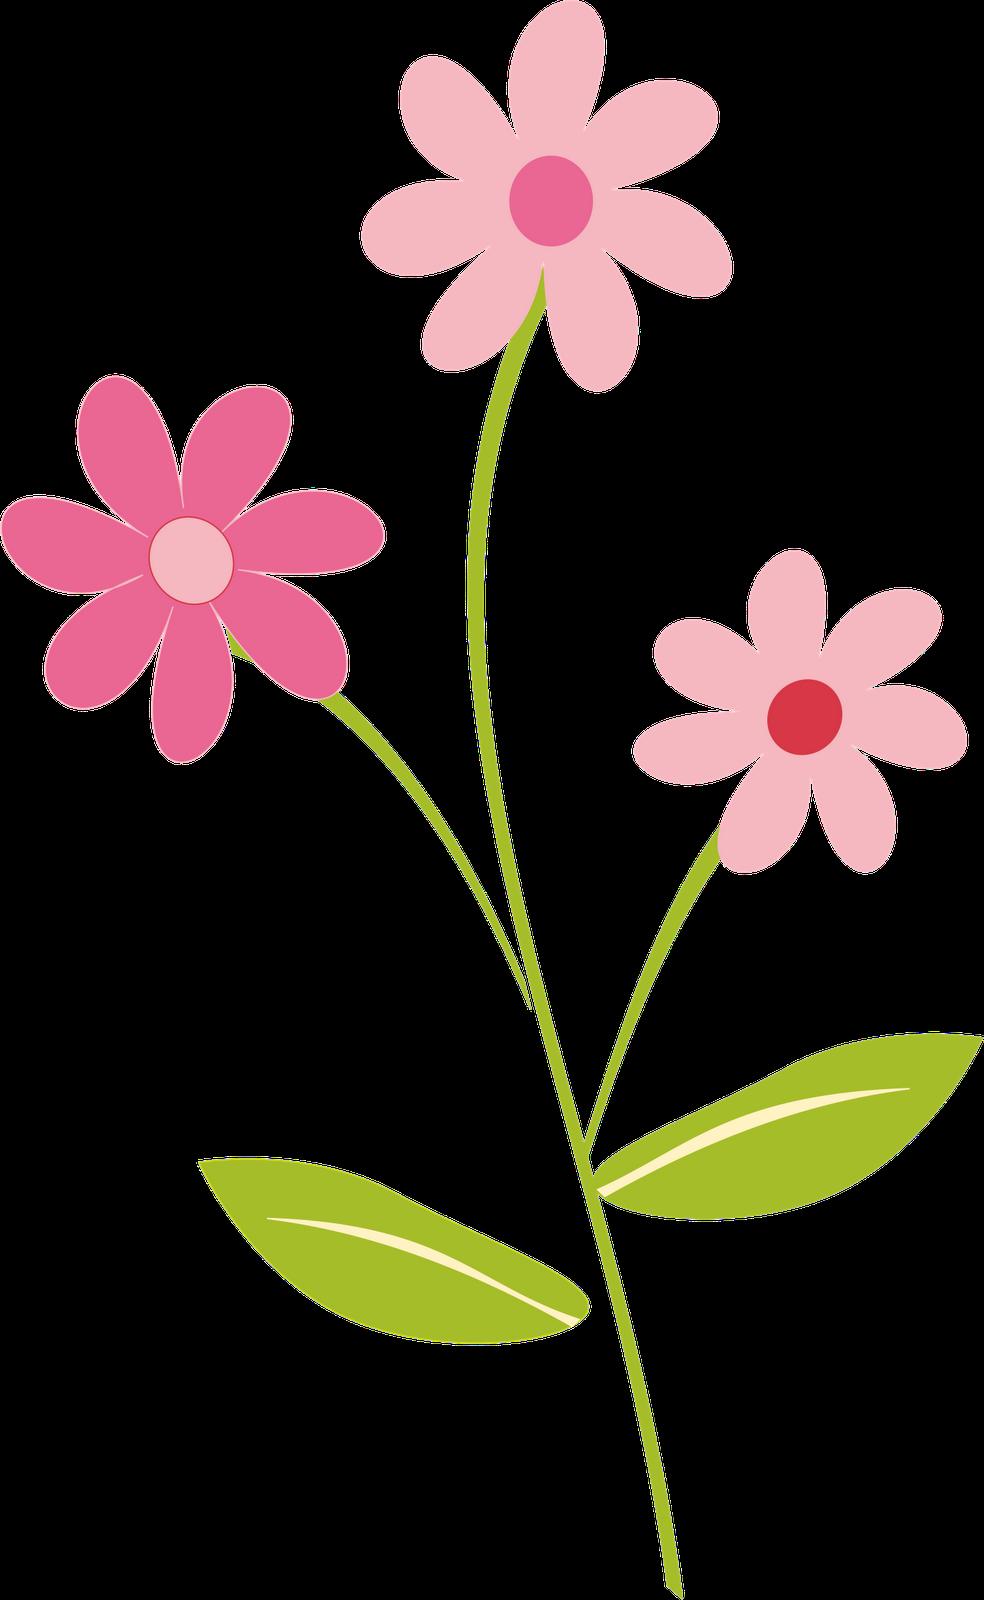 Clipart border flower, Clipart border flower Transparent.